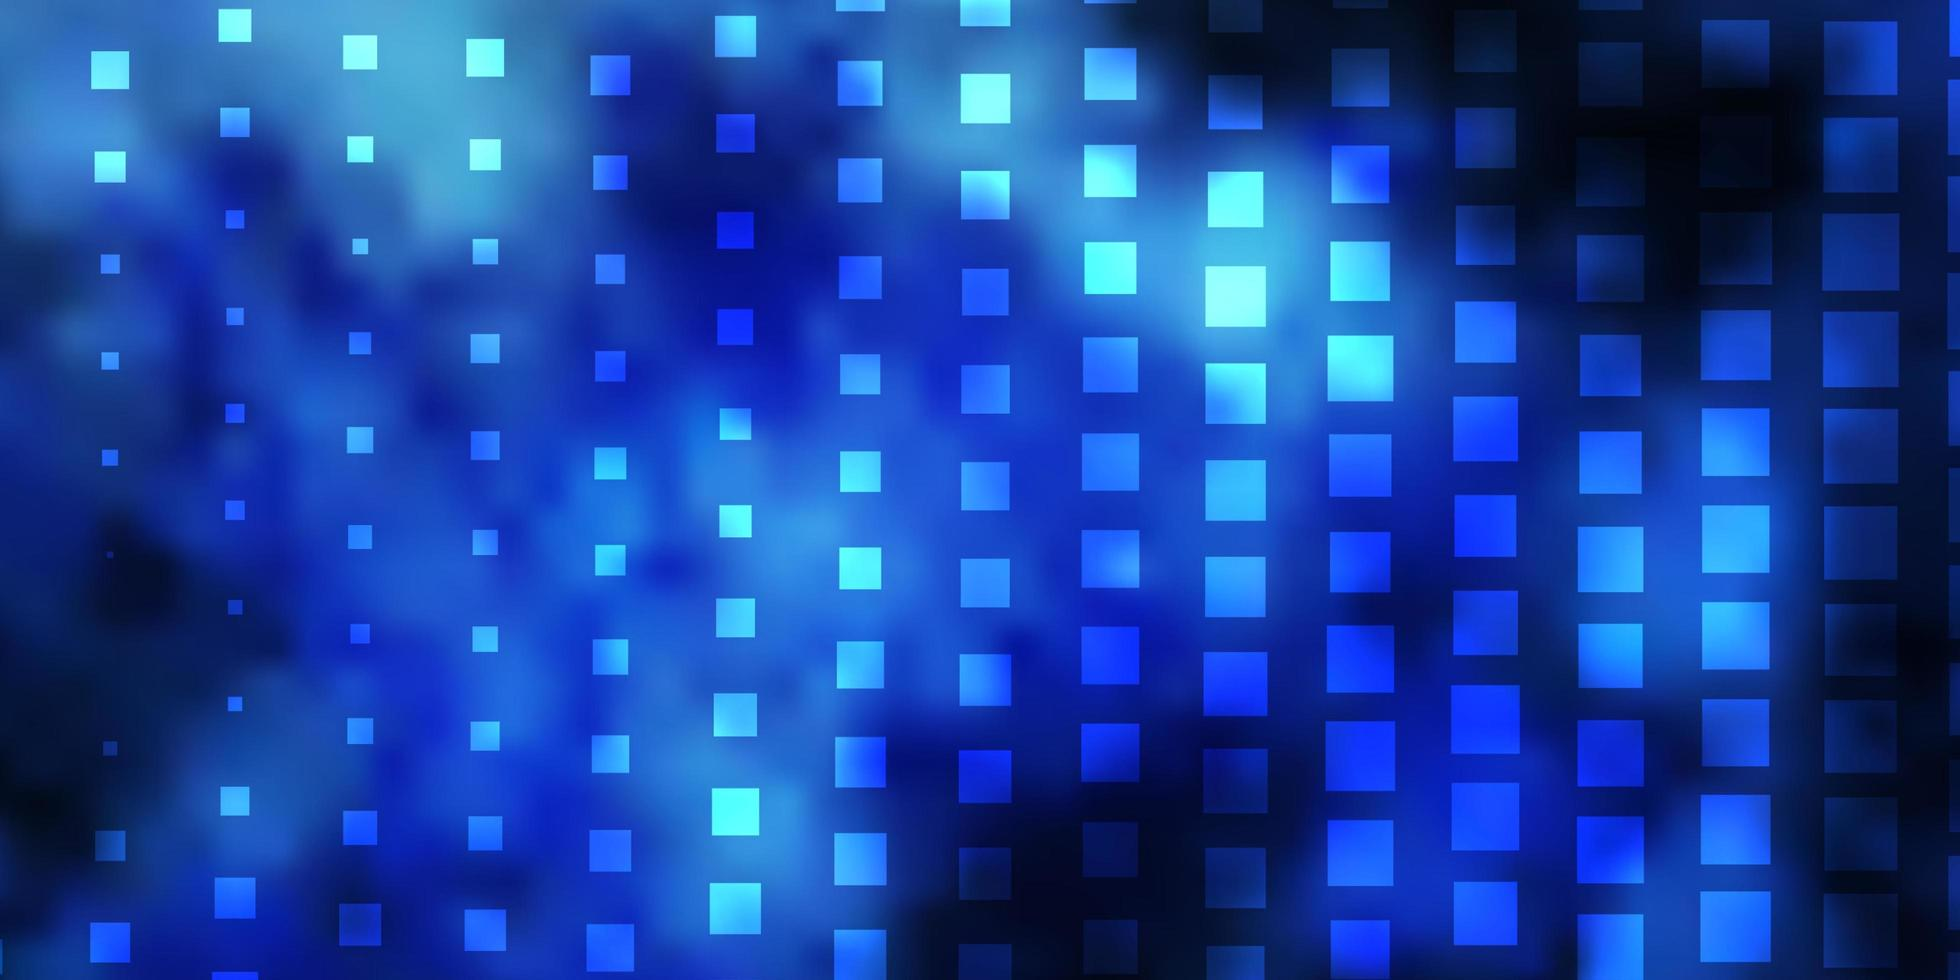 fond bleu dans un style polygonal. vecteur